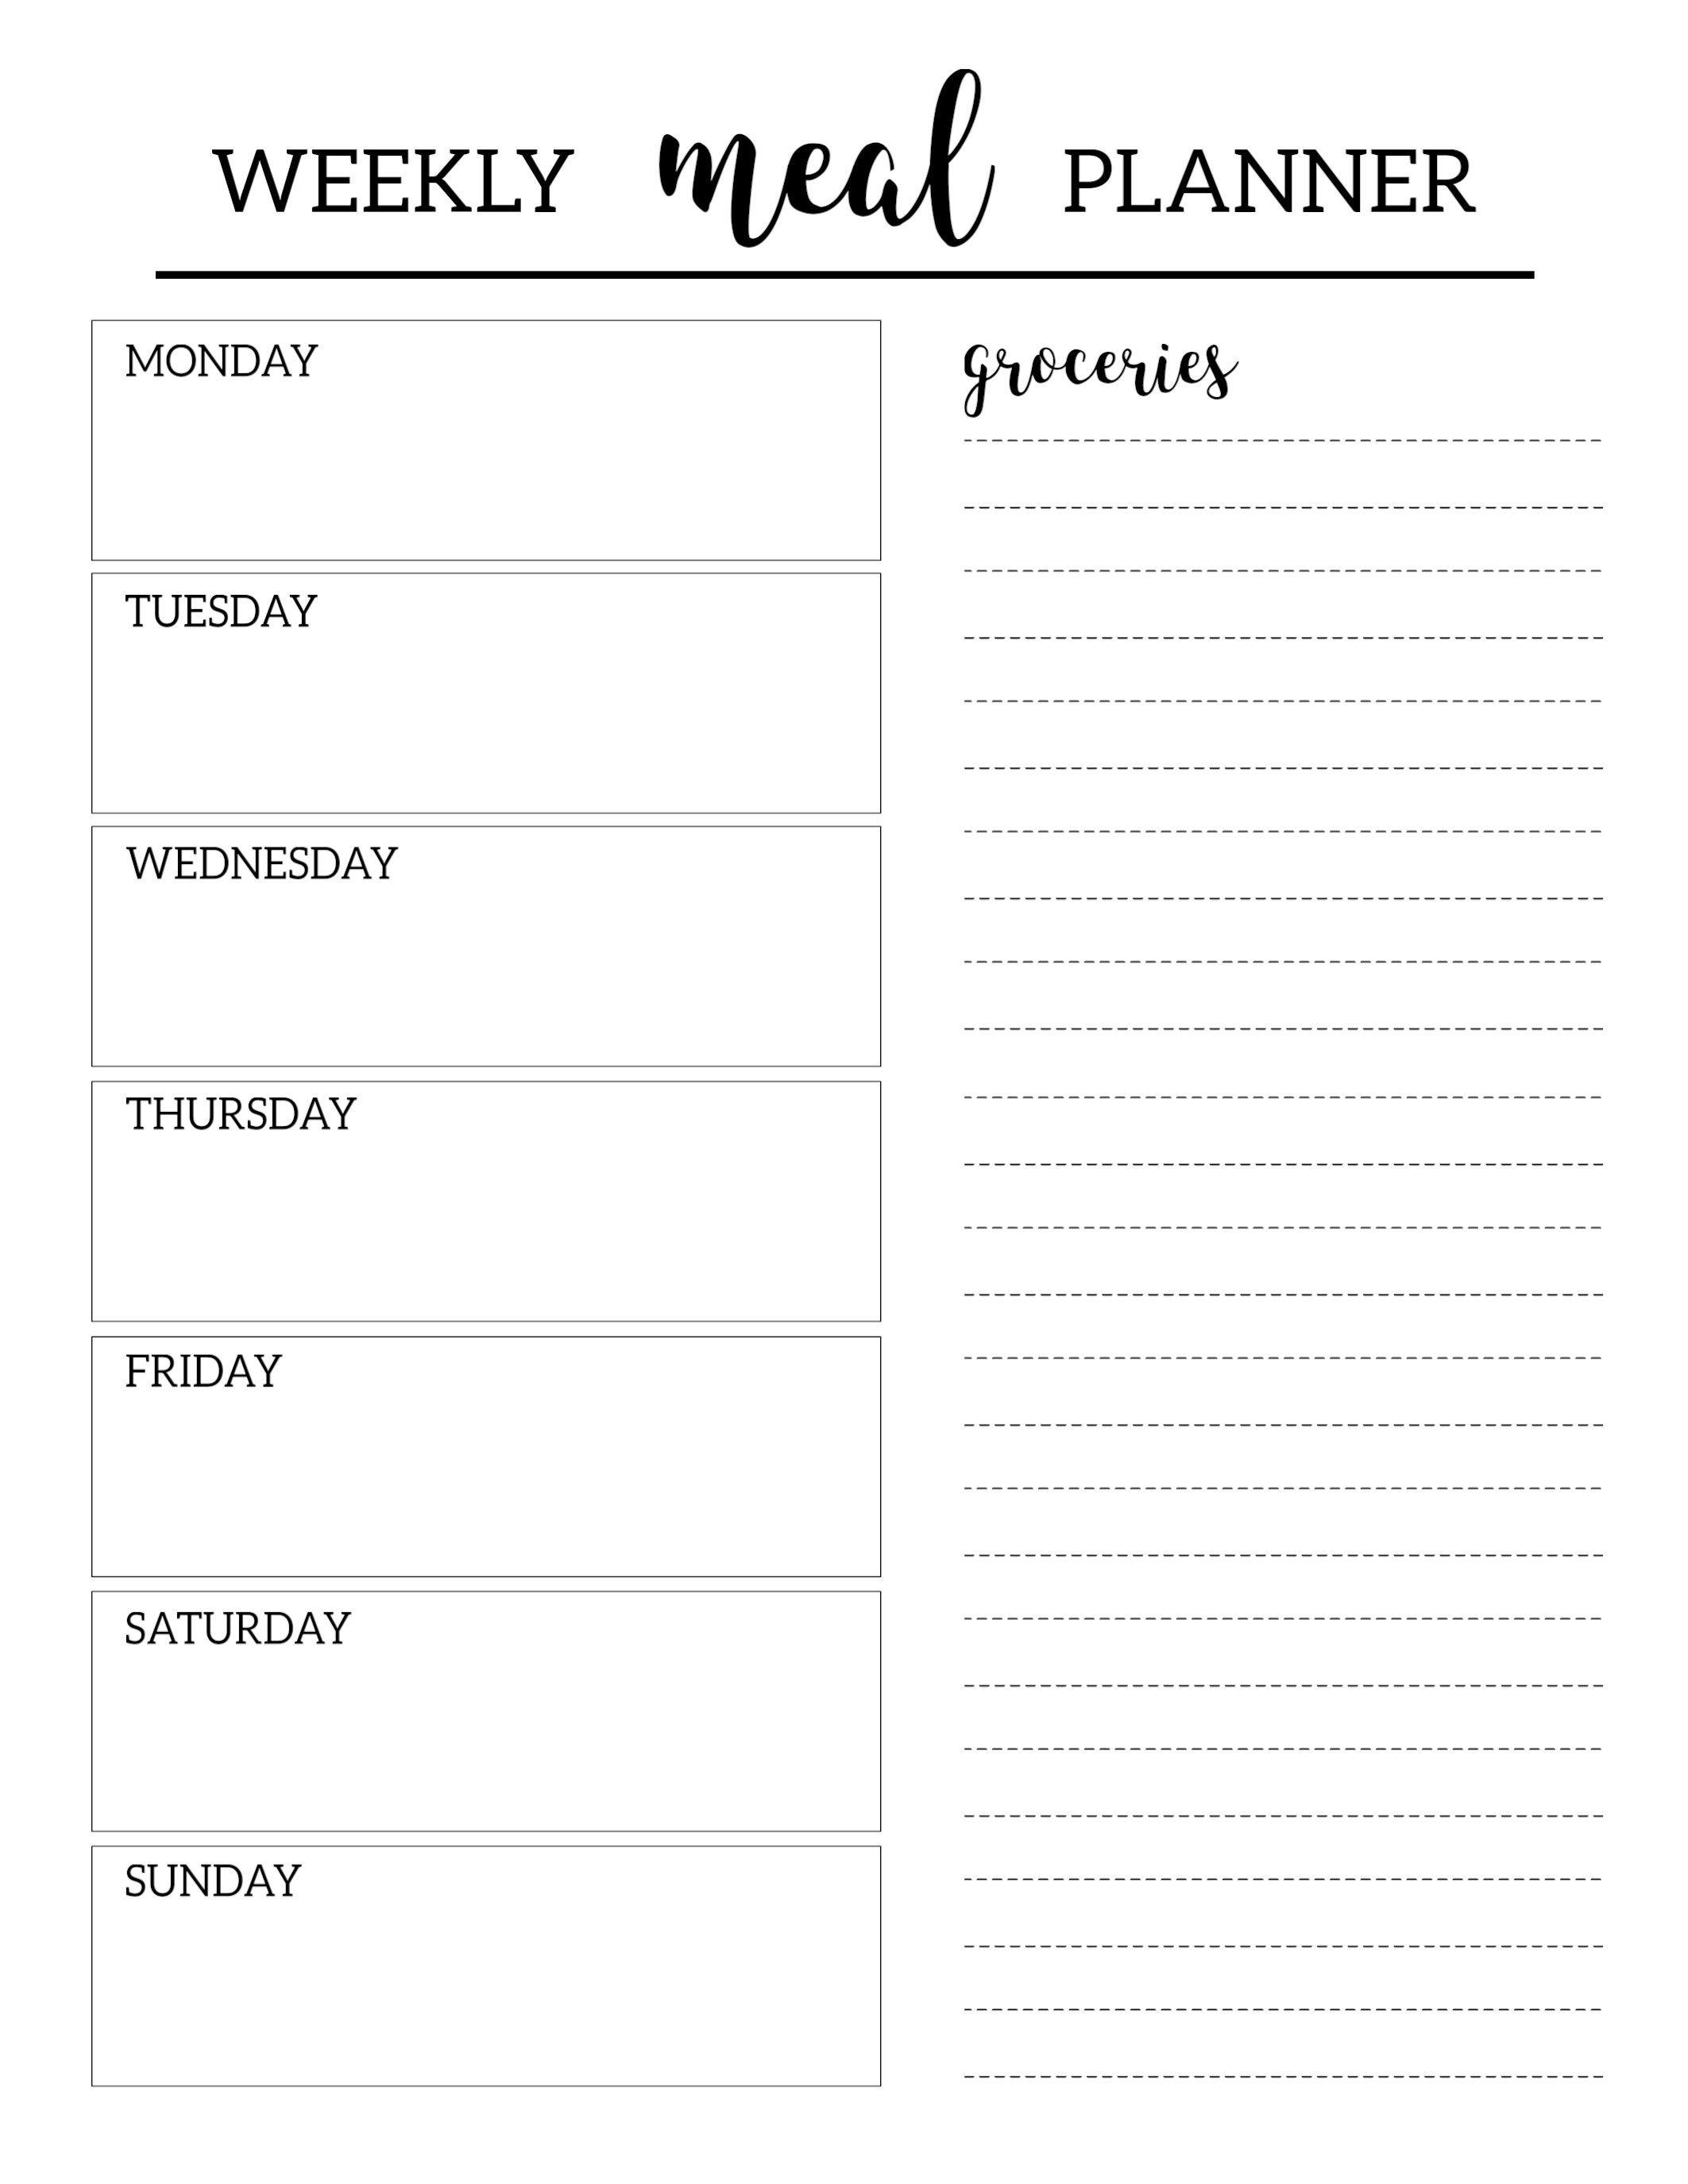 Free Printable Meal Planner Template | Organization | Pinterest - Free Printable Weekly Dinner Menu Planner